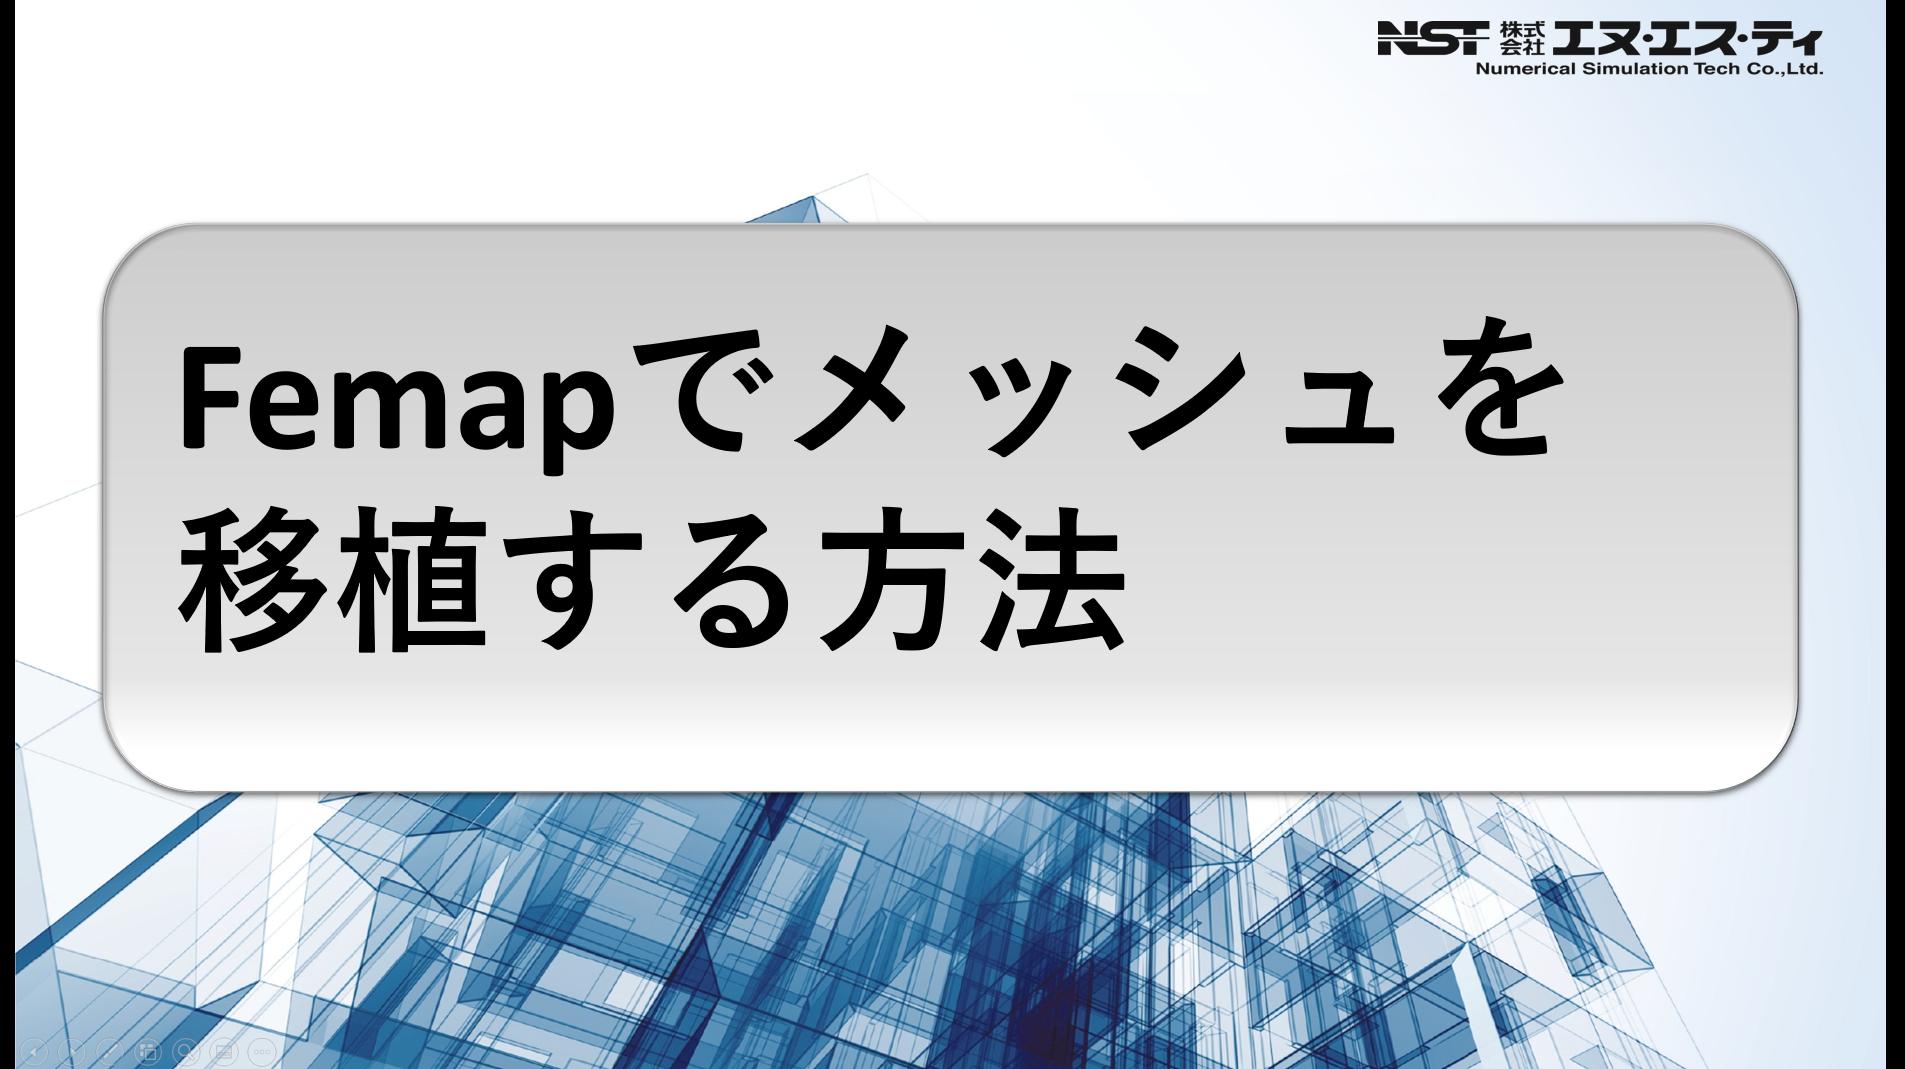 Femapでメッシュを移植する方法